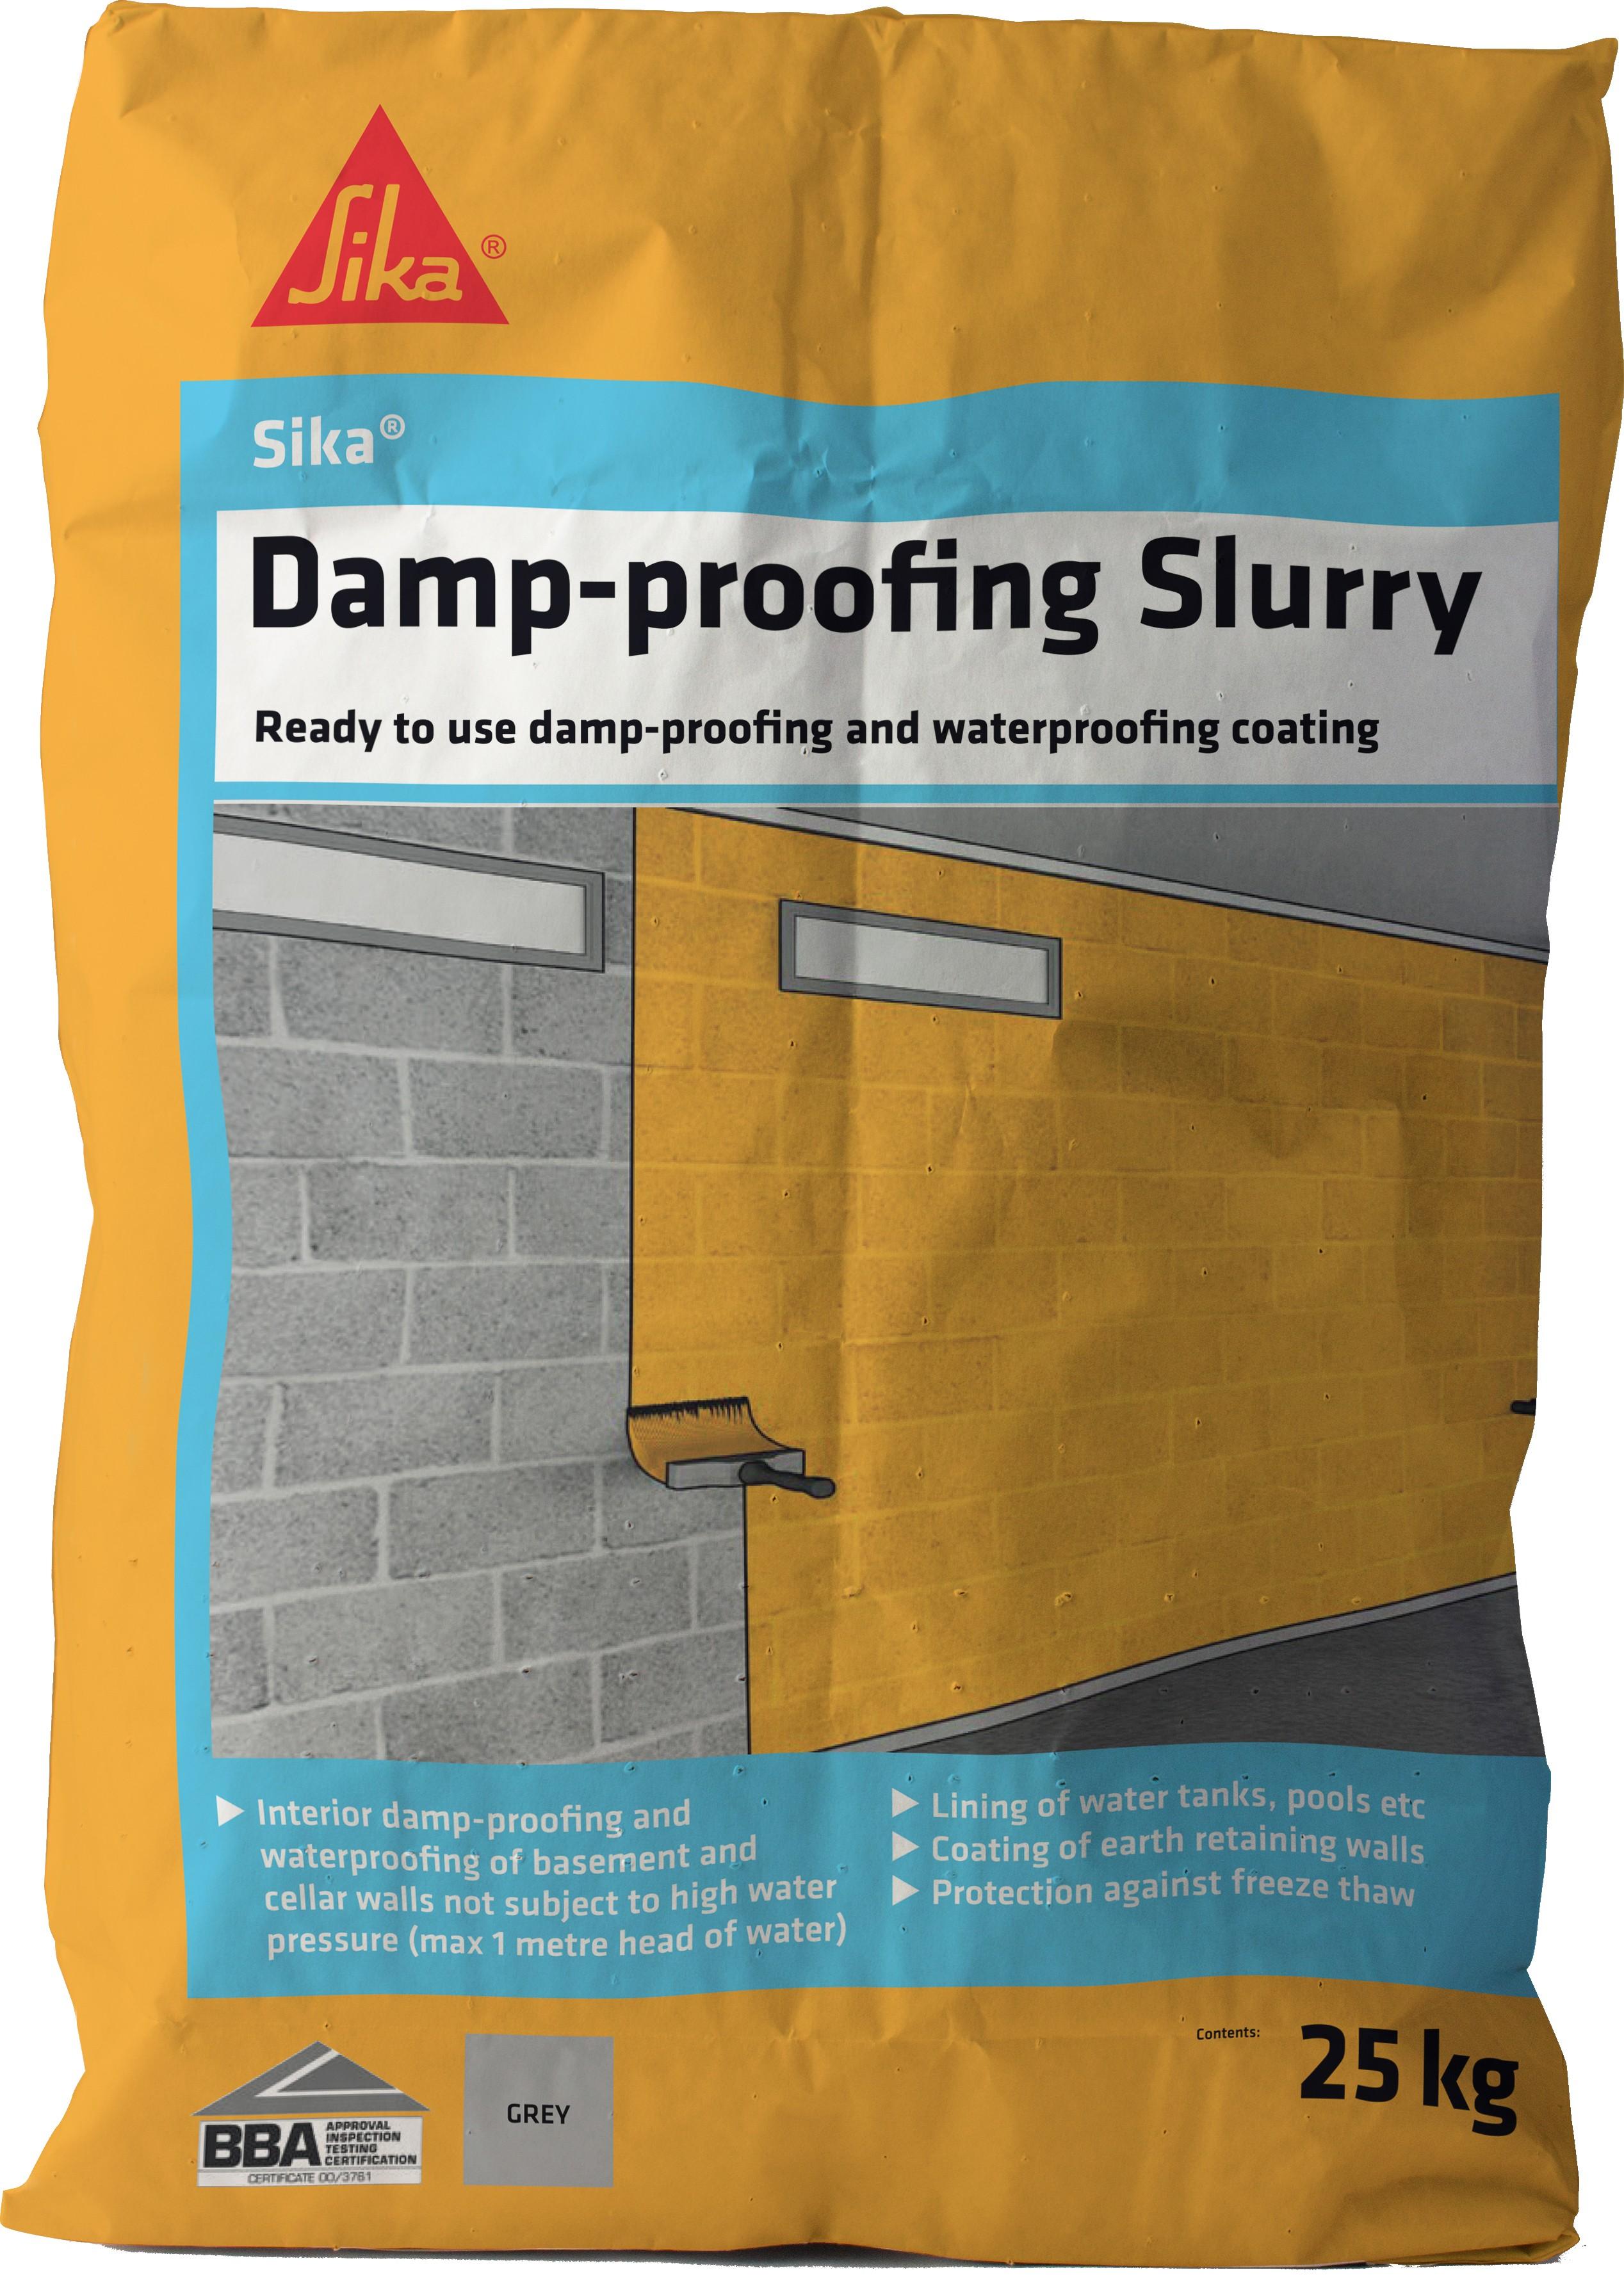 SikaEverbuild Damp Proofing Slurry 25kg Grey [SIK1262825]